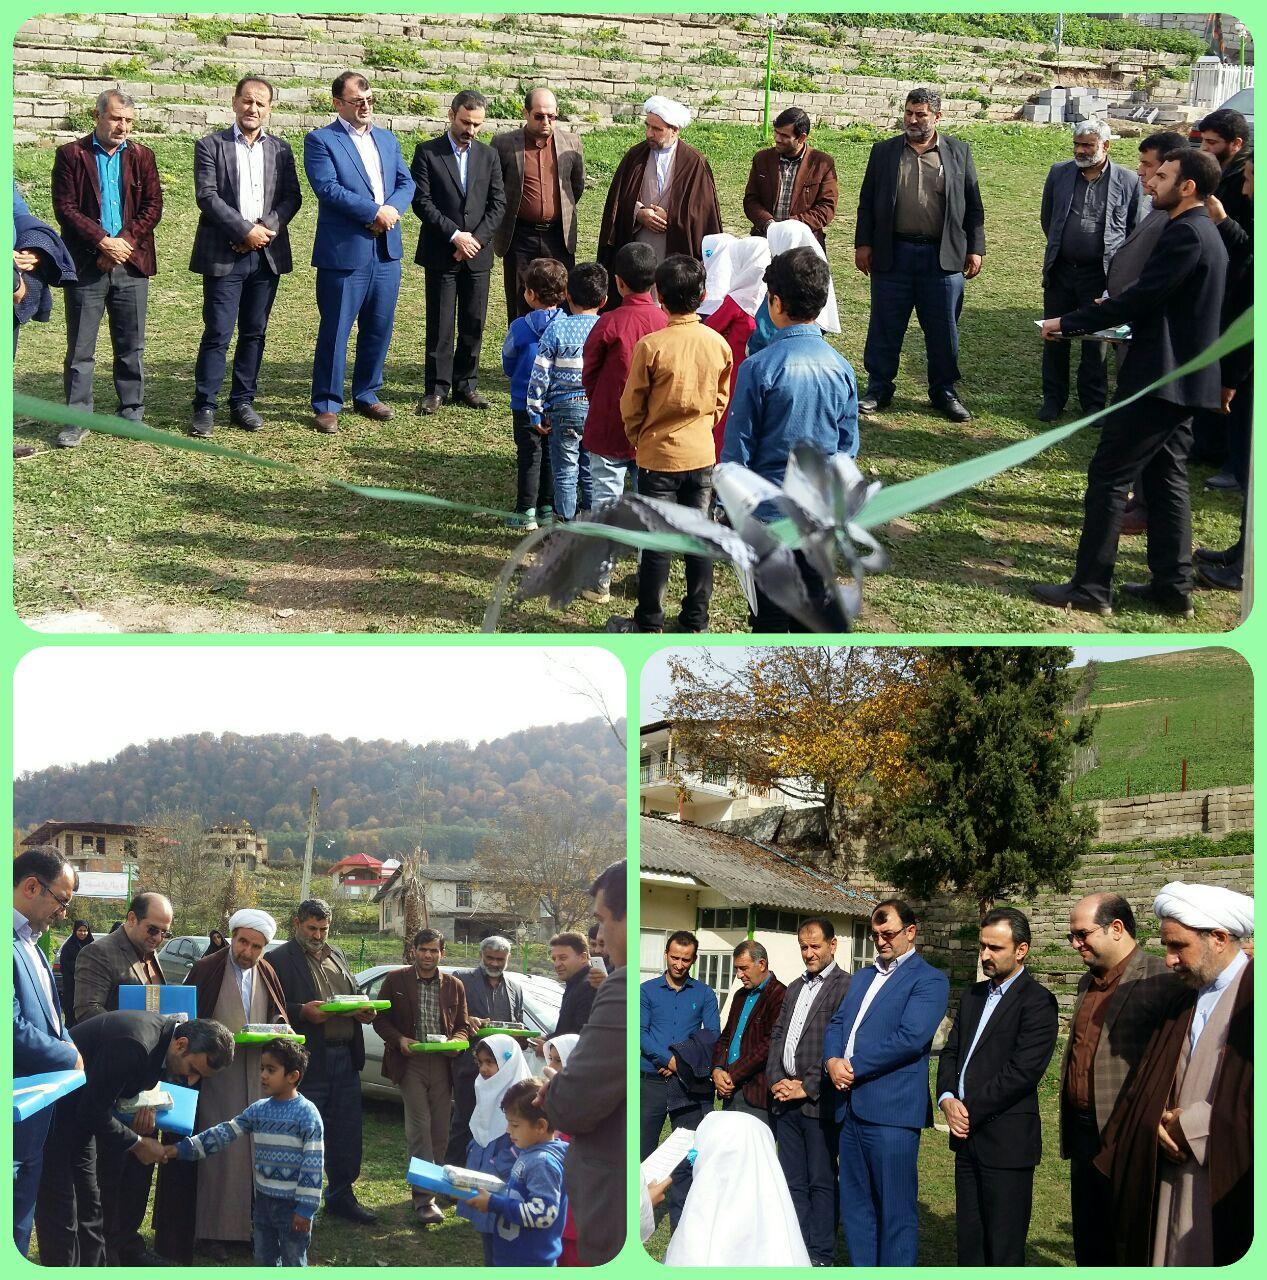 مراسم شکرانه بازگشایی مدارس شهدای الیرد و صاحب الزمان ایول برگزار شد